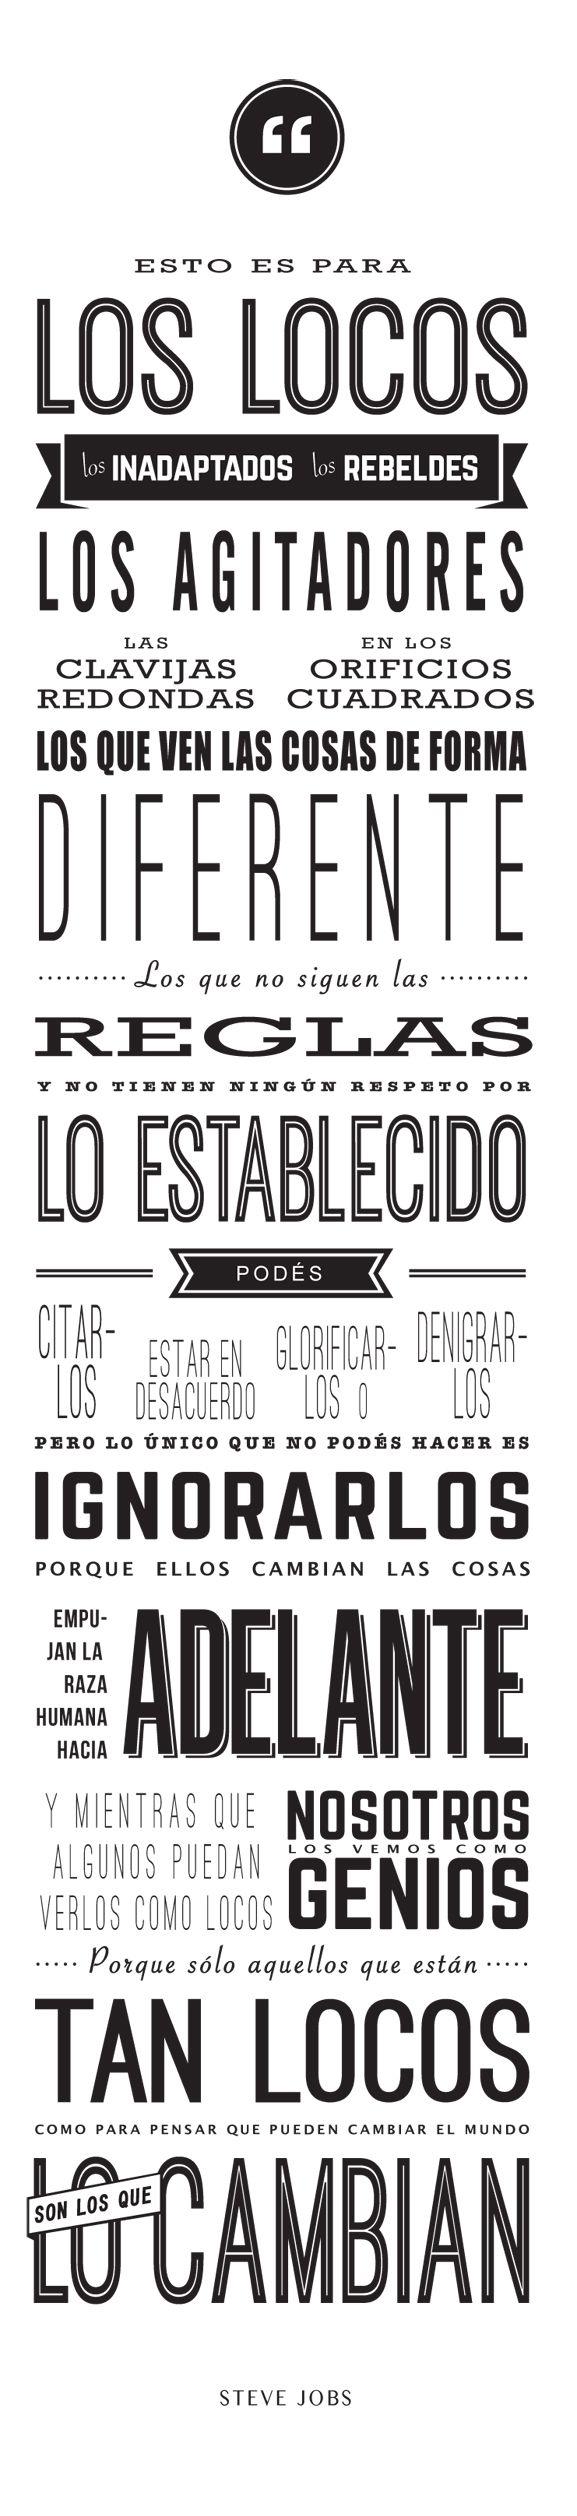 Citas y frases inspiradoras presentadas de forma atractiva y en castellano.